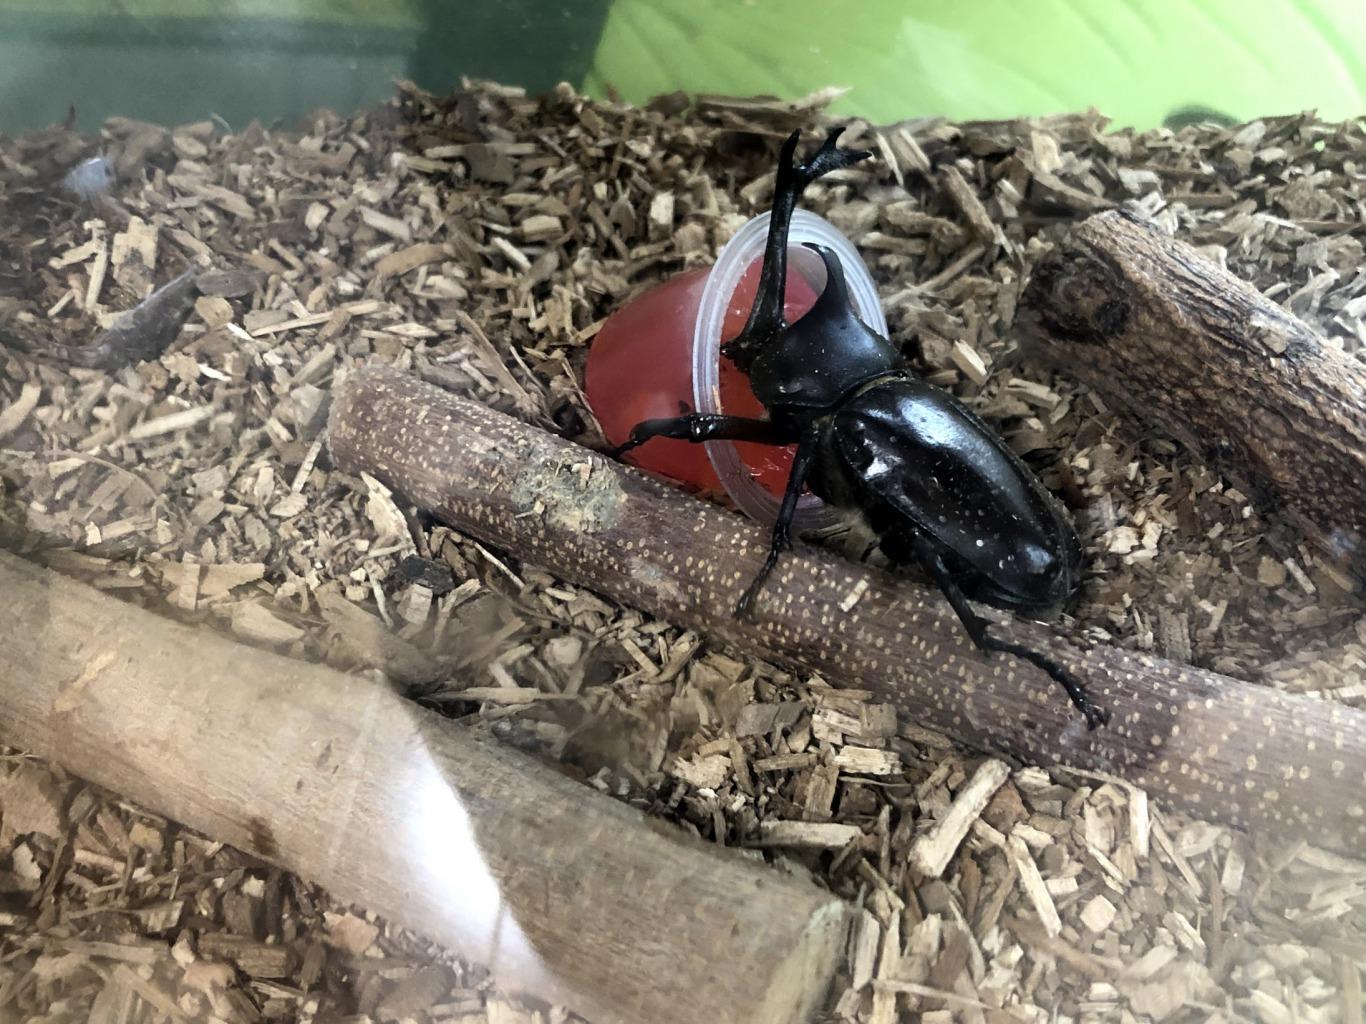 カブト虫飼育中